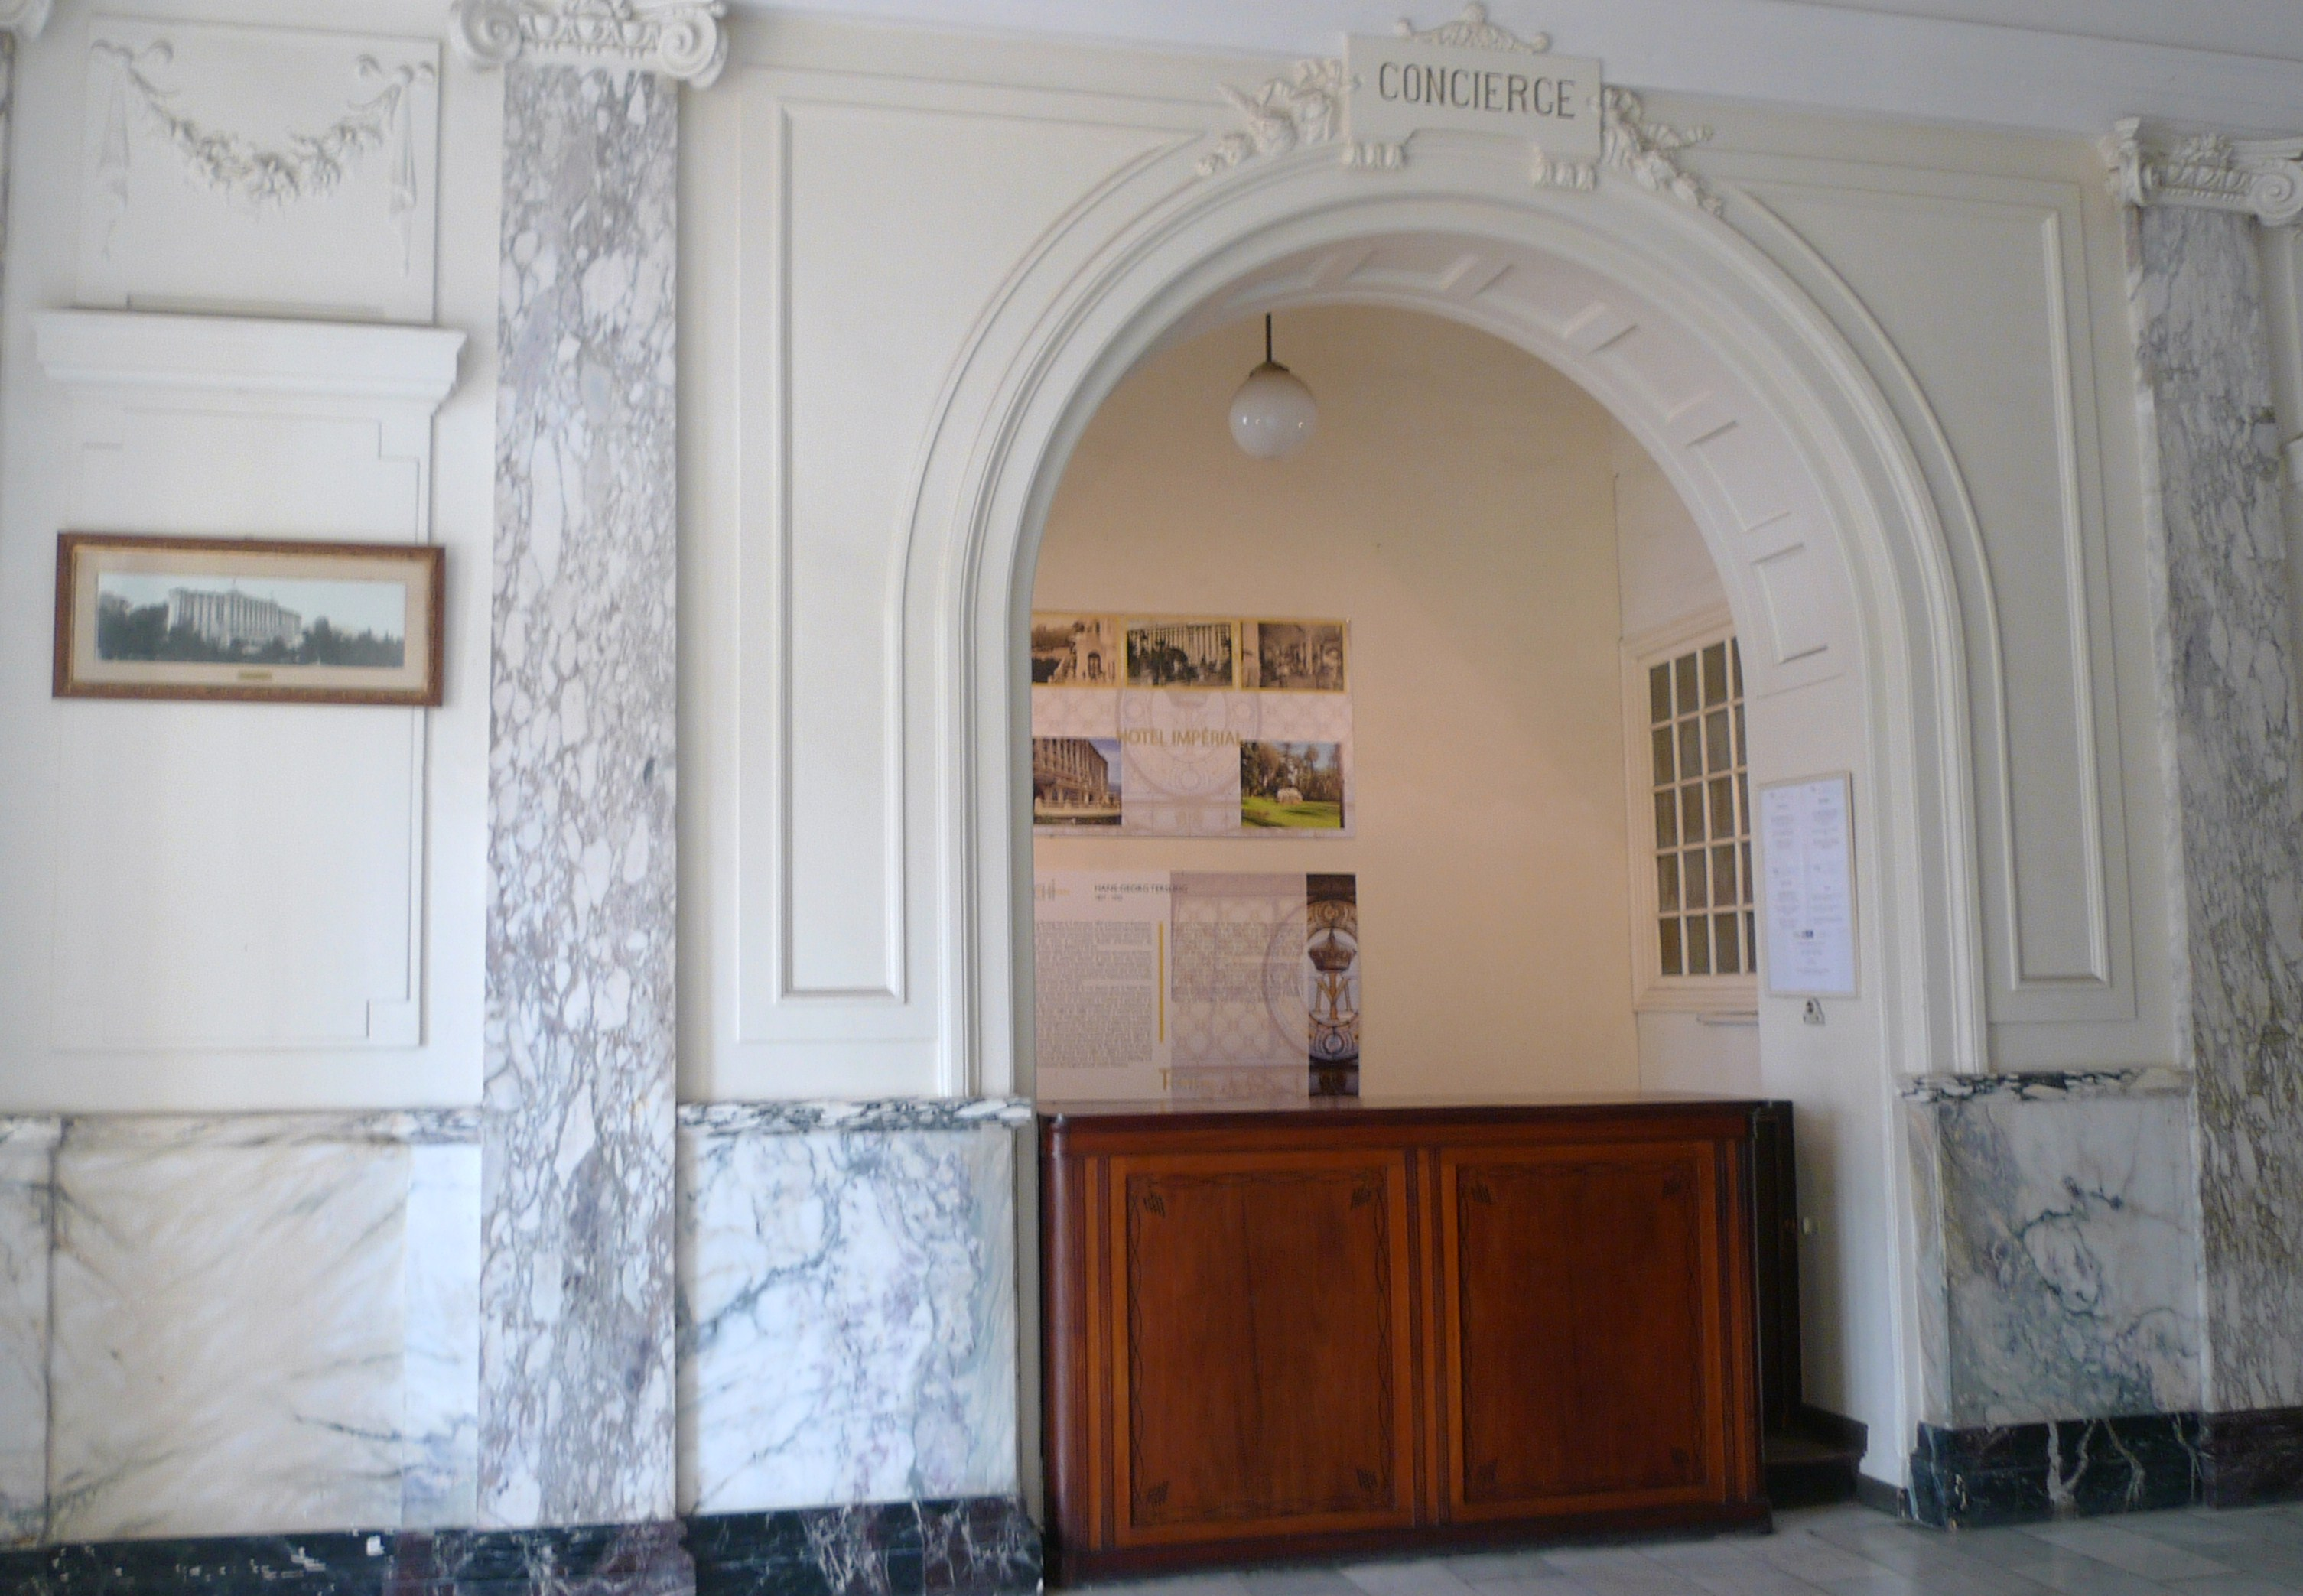 panneaux offerts par le patrimoine au niveau de la loge du concierge imperial. Black Bedroom Furniture Sets. Home Design Ideas